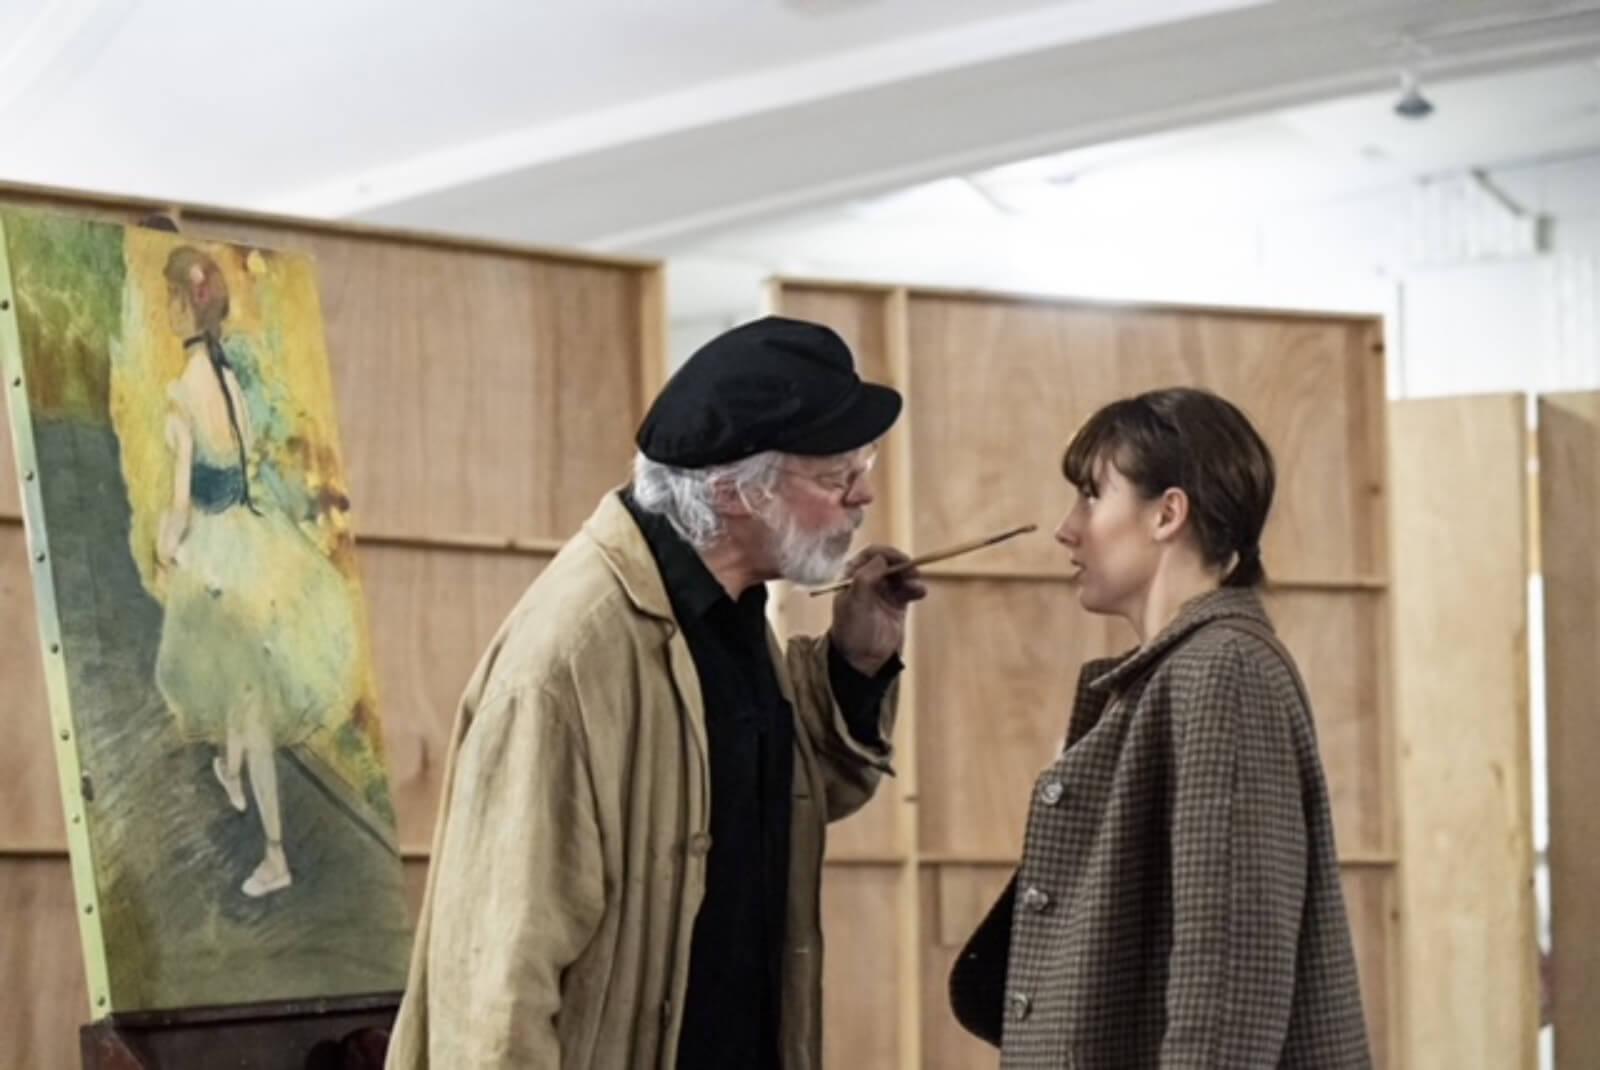 Dega (Terrance Mann) teases Marie (Tiler Peck) in the musical Little Dancer.